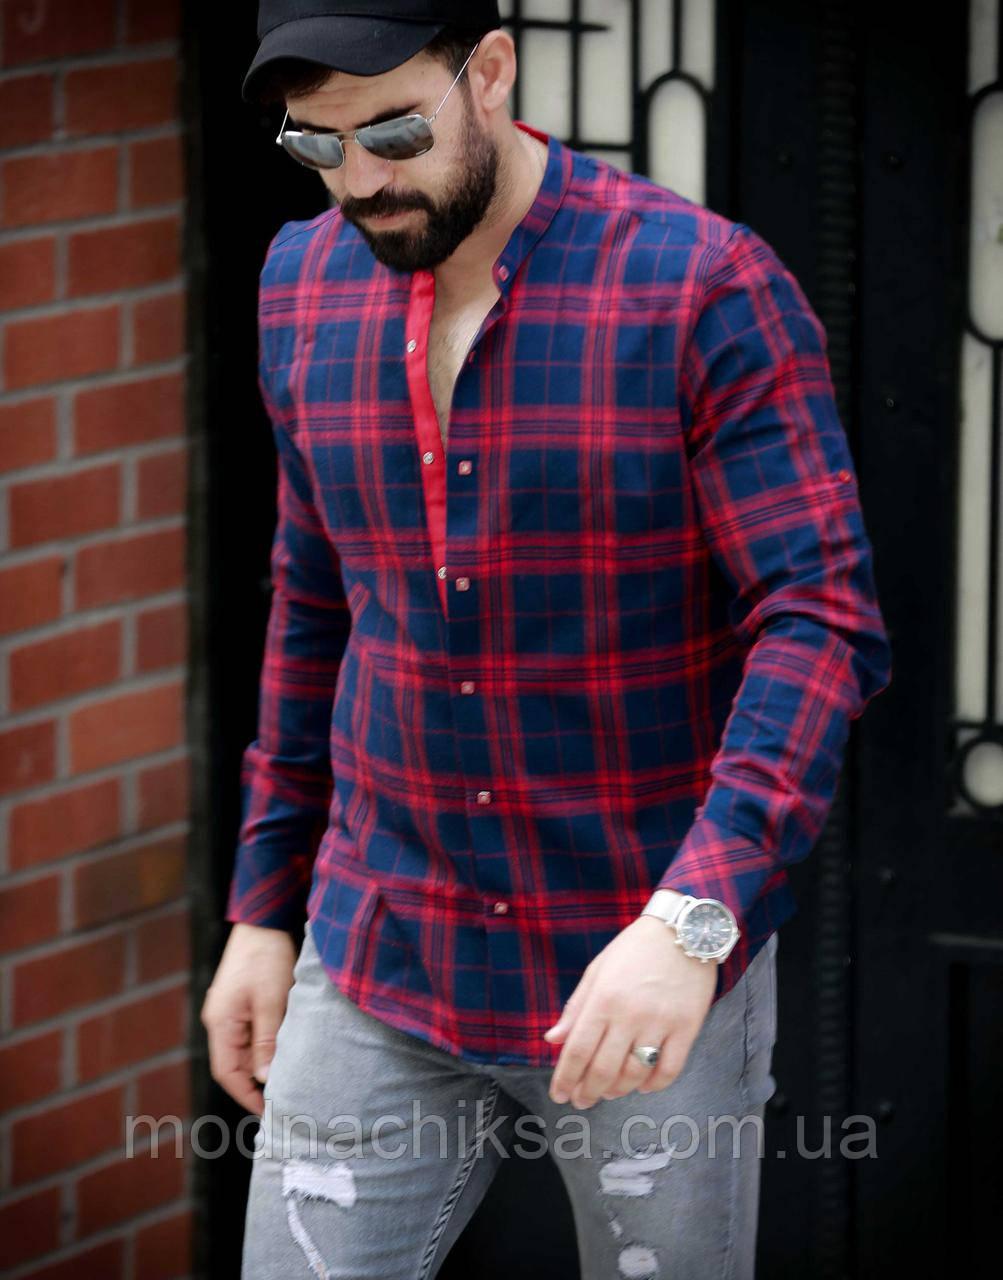 Рубашка с воротником стоука в оксфордском стиле S, M, L, XL